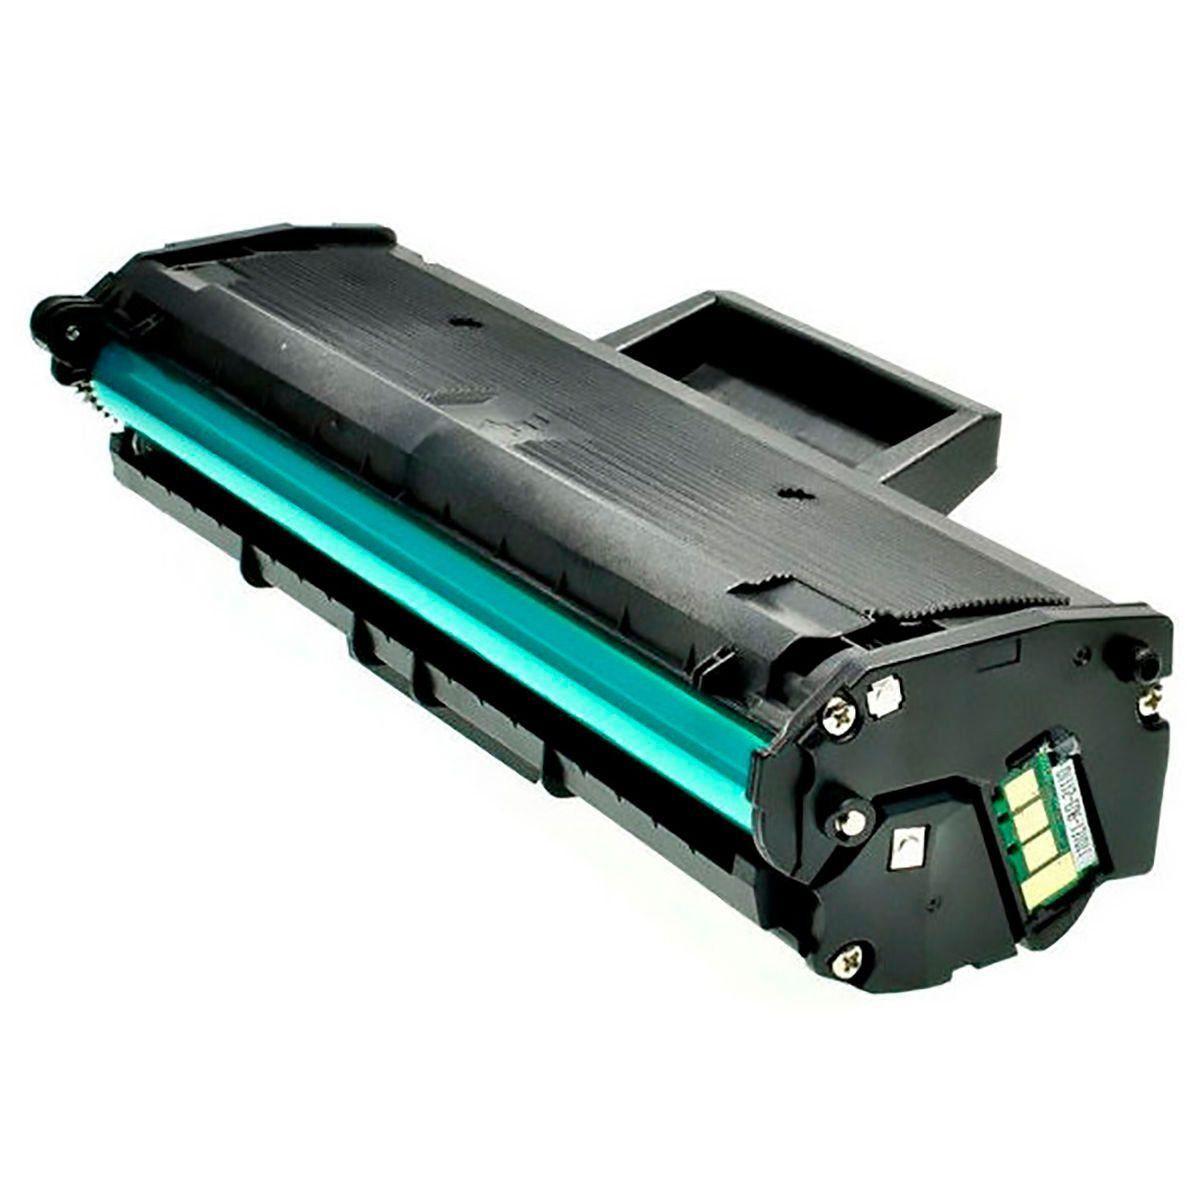 Toner Compatível Samsung MLT-D111S D111S | M2020 M2020FW M2070 M2070W M2070FW SAMUSNG 111 D111